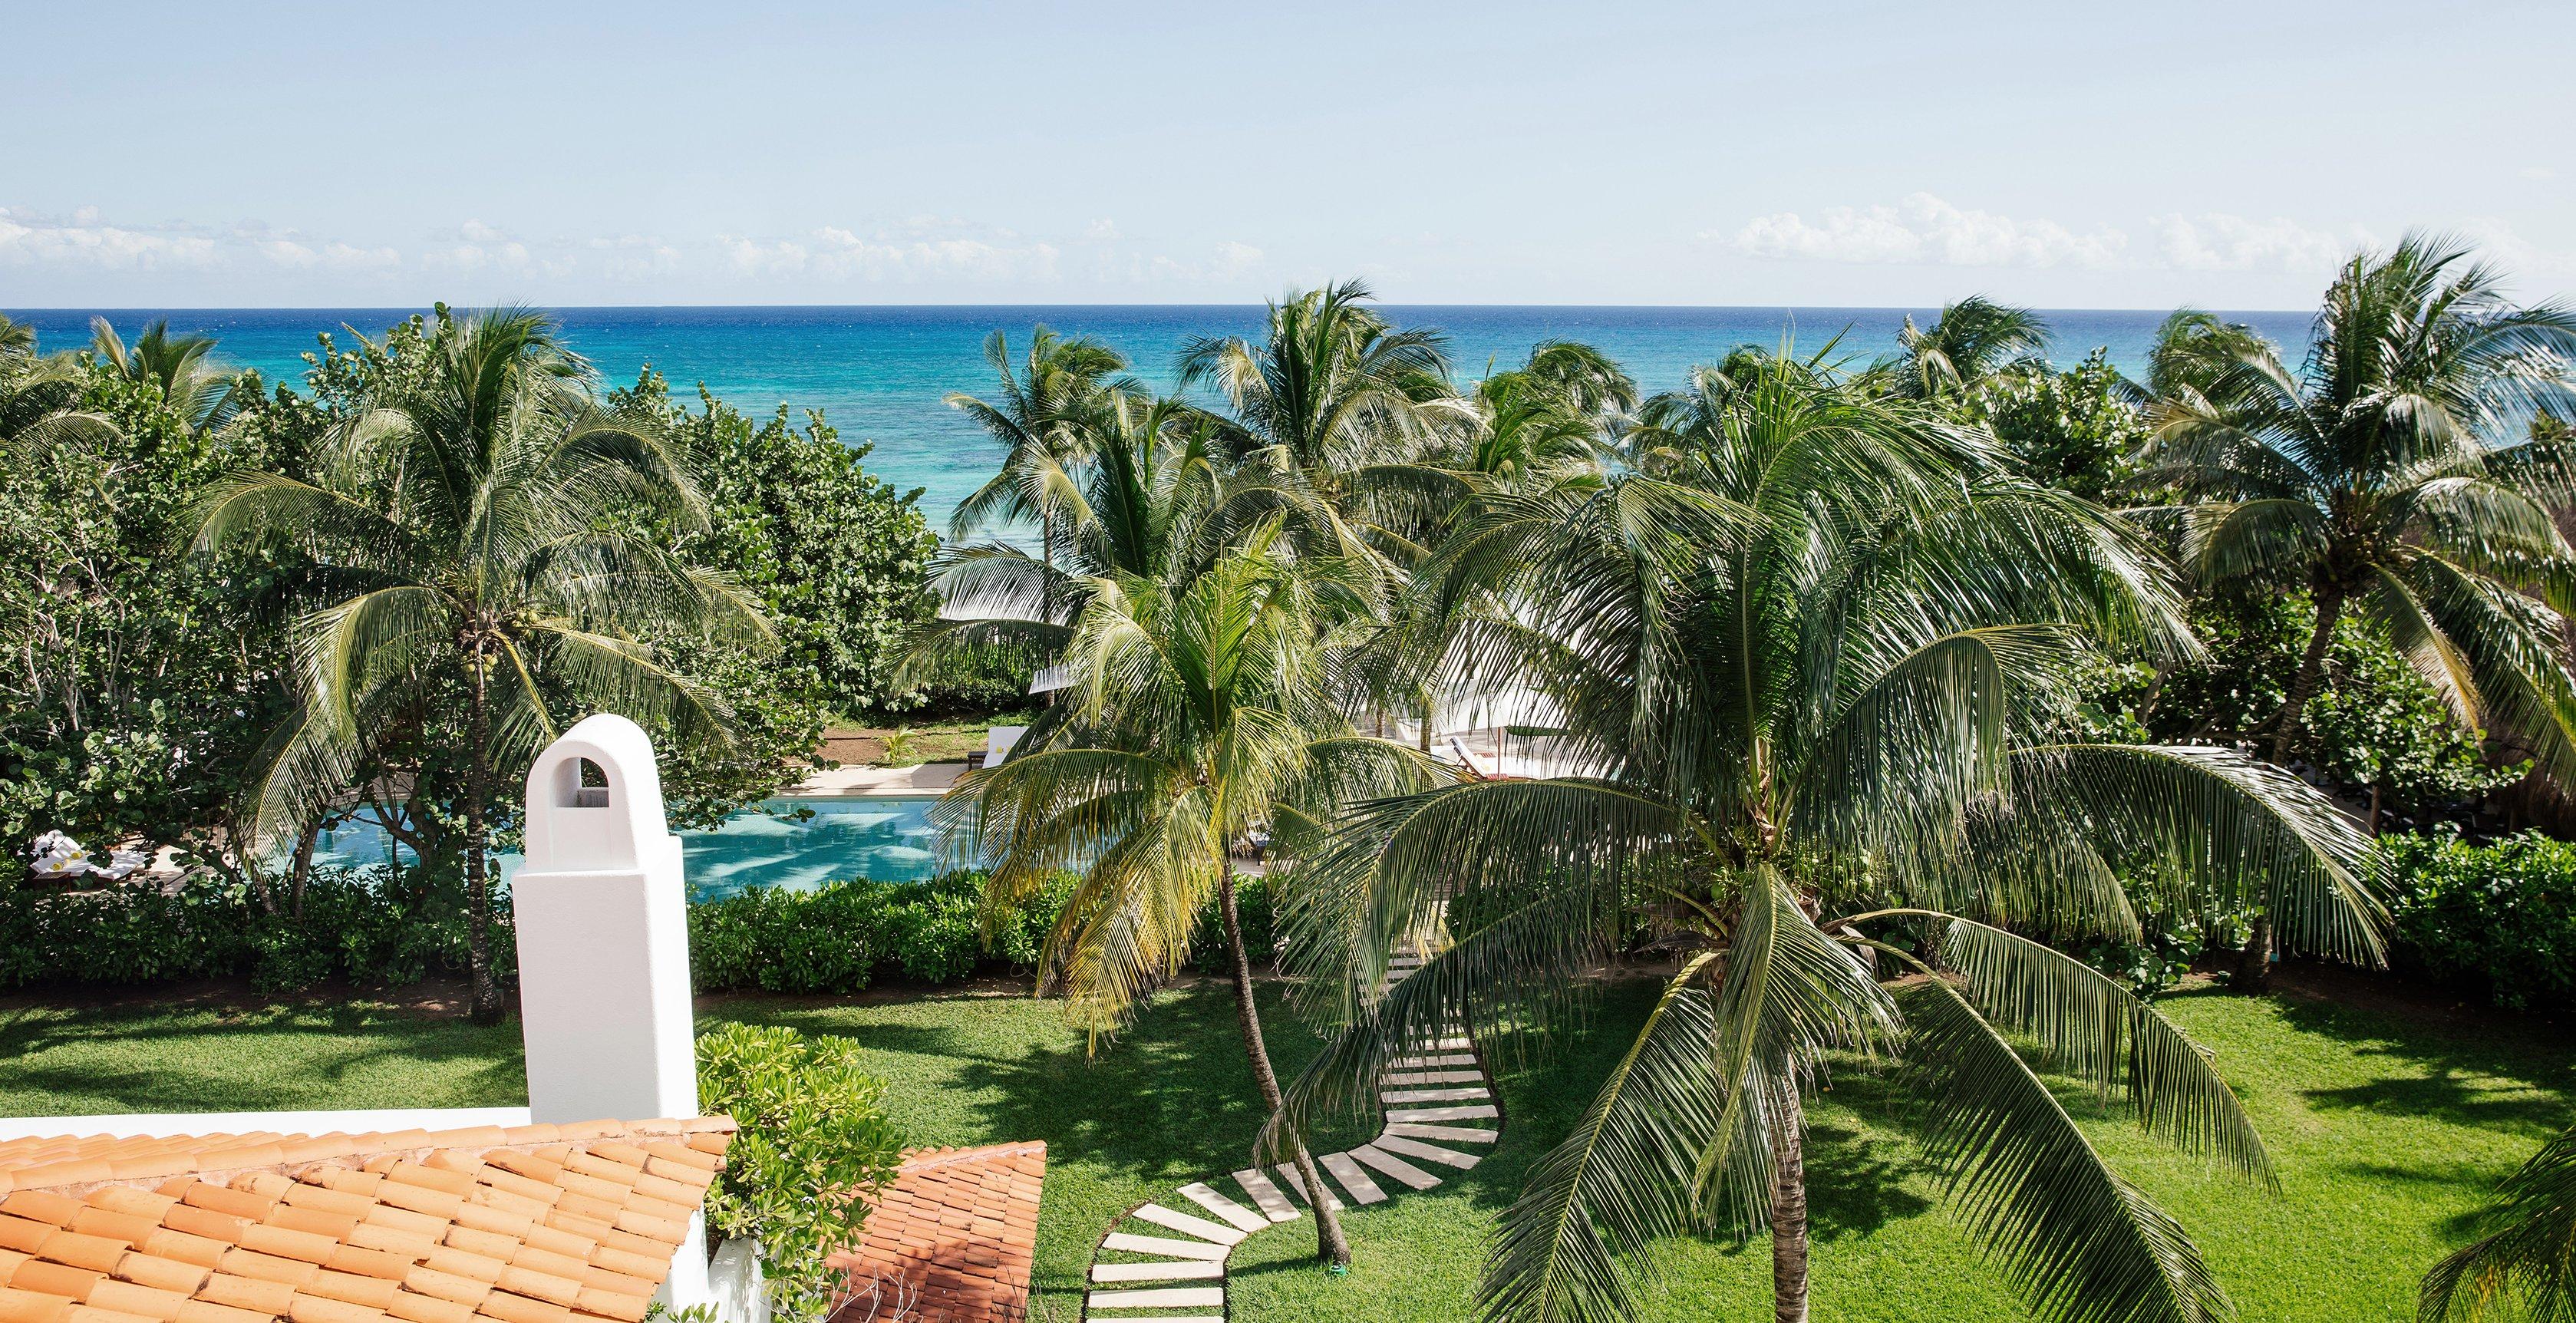 hotel-esencia-riviera-maya-view